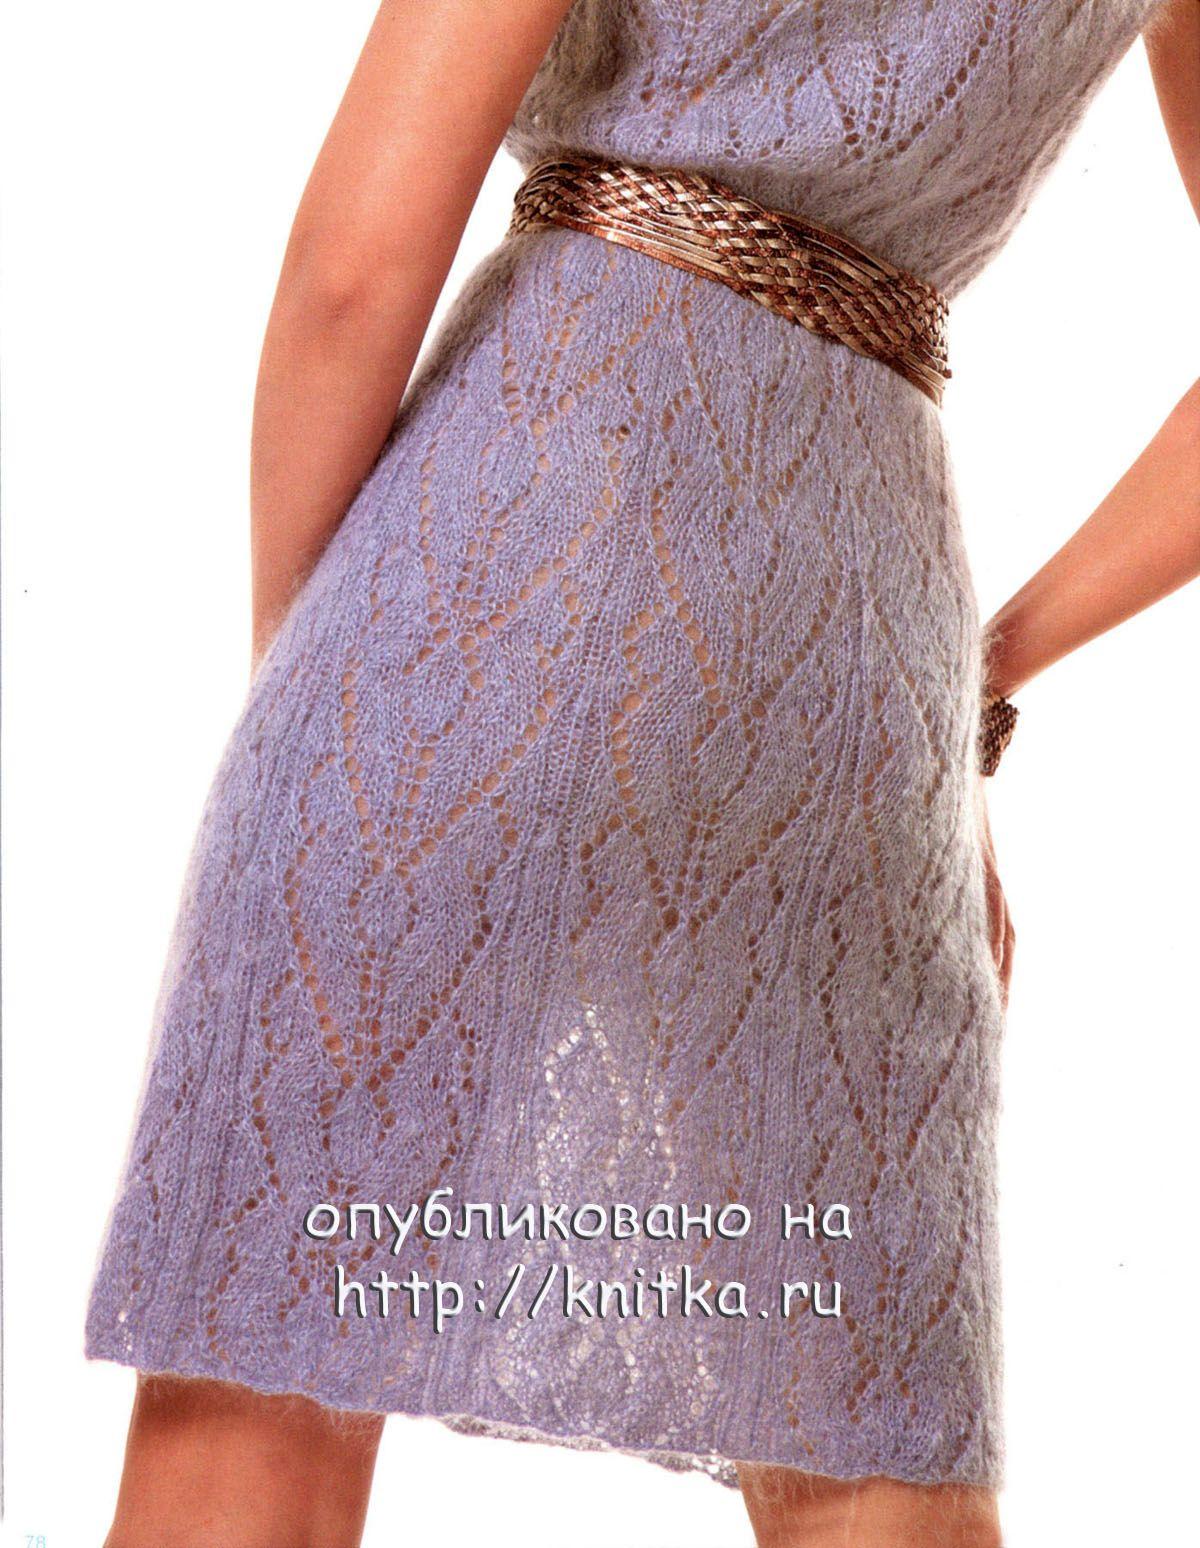 Вязание ажурных платьев спицами фото